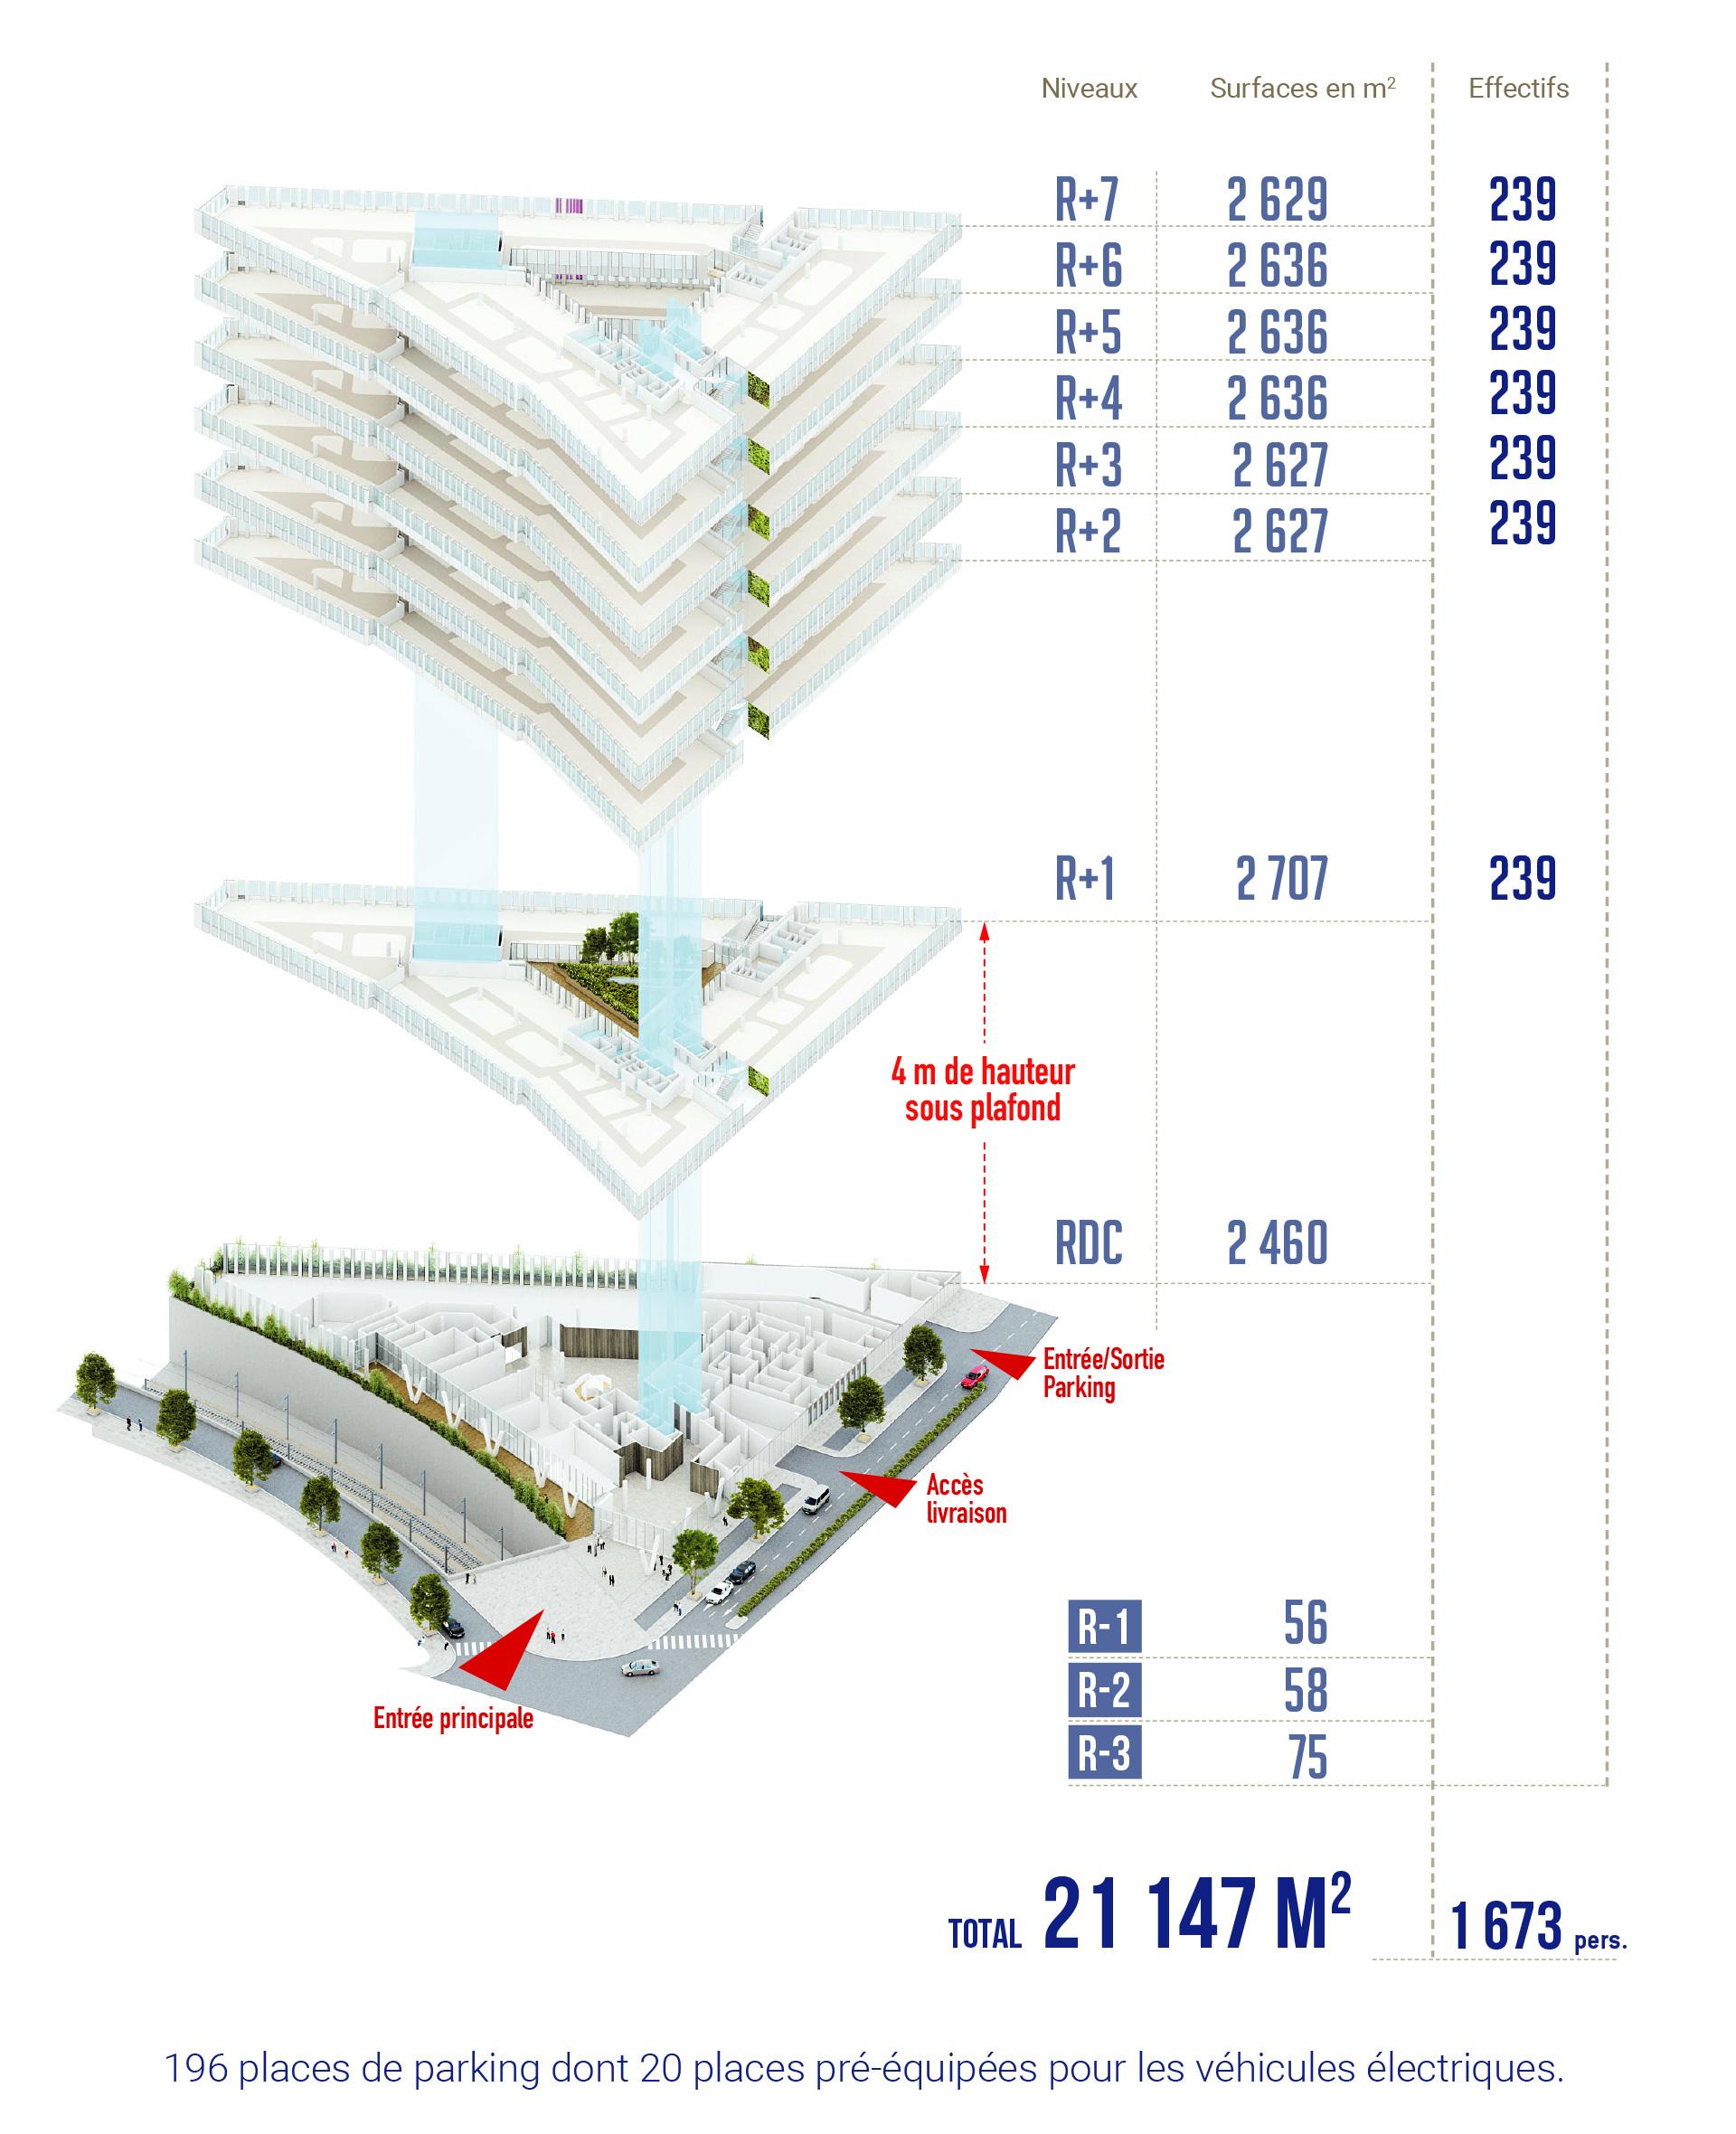 citylife immeuble axo citylife 2 - Immeuble